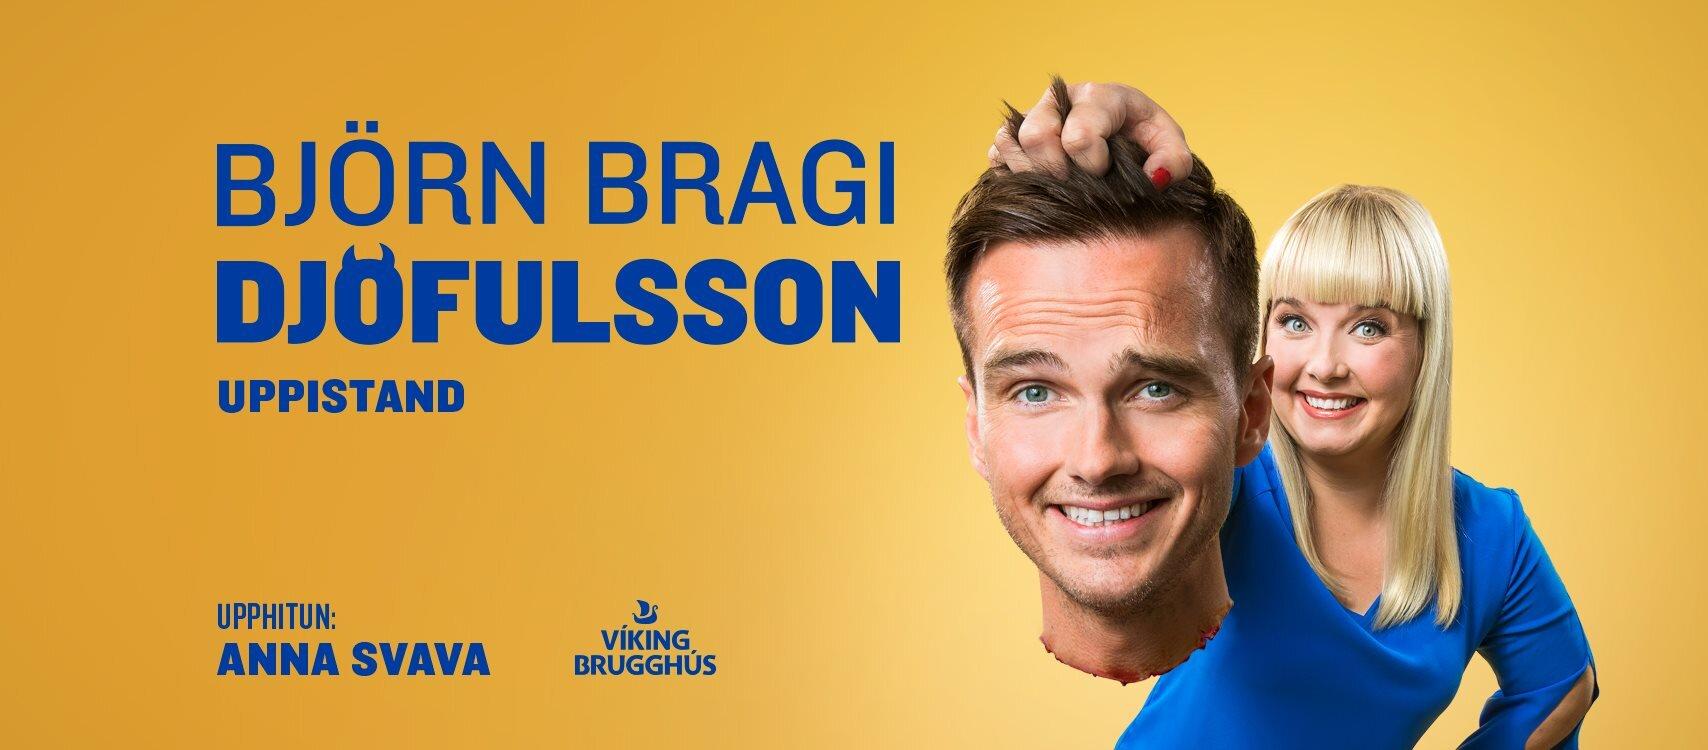 Björn Bragi Djöfulsson